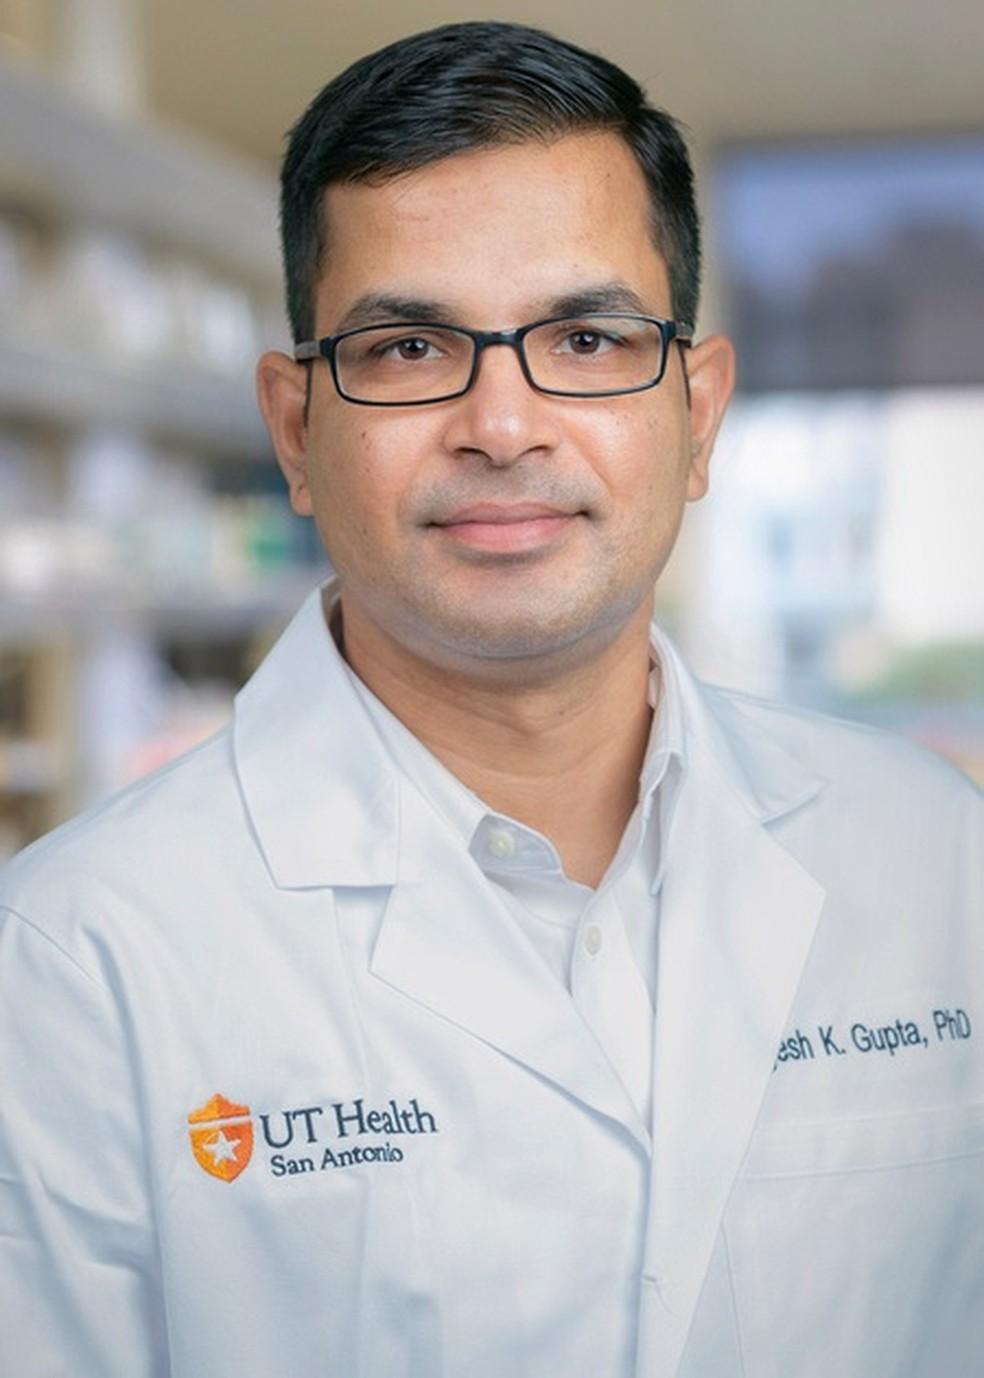 Yogesh K. Gupta, pesquisador que liderou o estudo — Foto: UT Health San Antonio/Divulgação